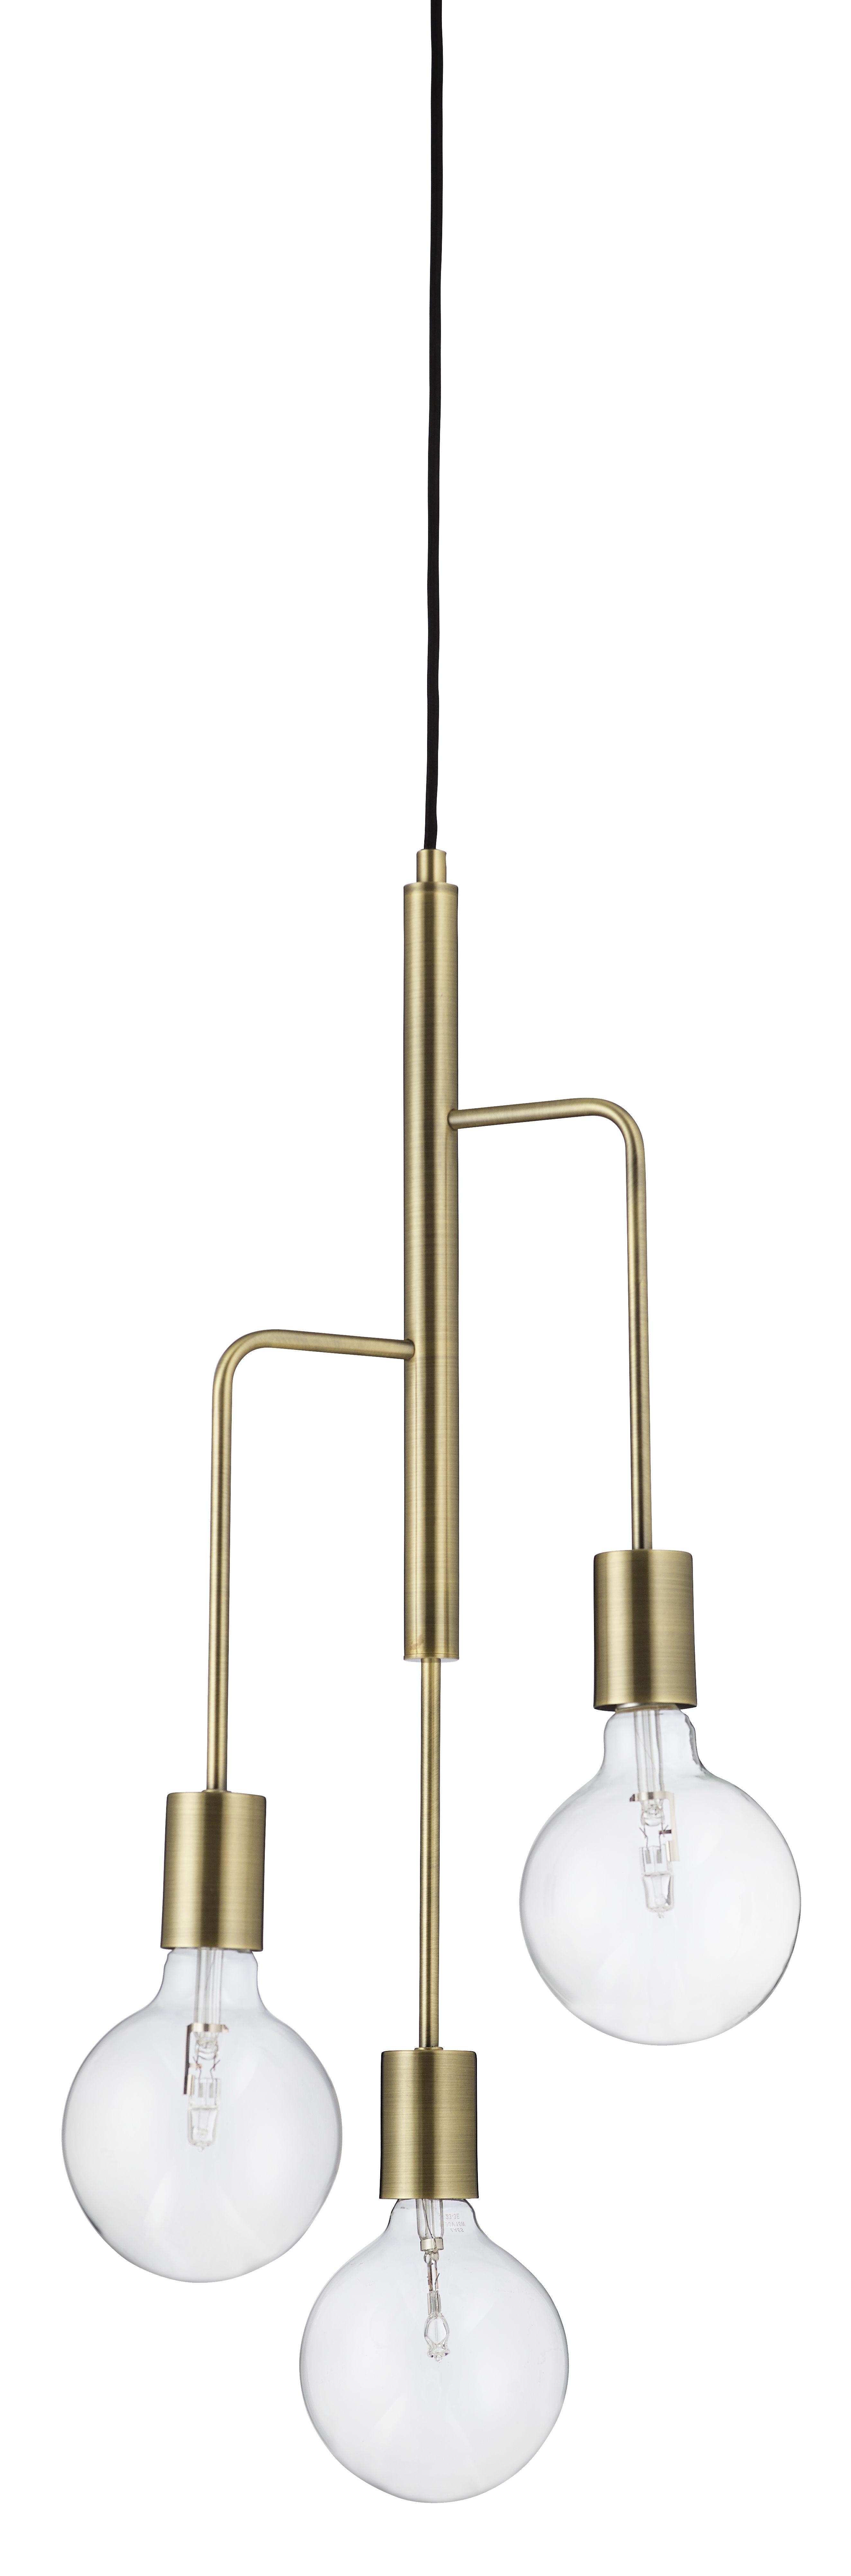 Illuminazione - Lampadari - Sospensione Cool - / Ø 25 cm di Frandsen - Ottone opaco - metallo verniciato